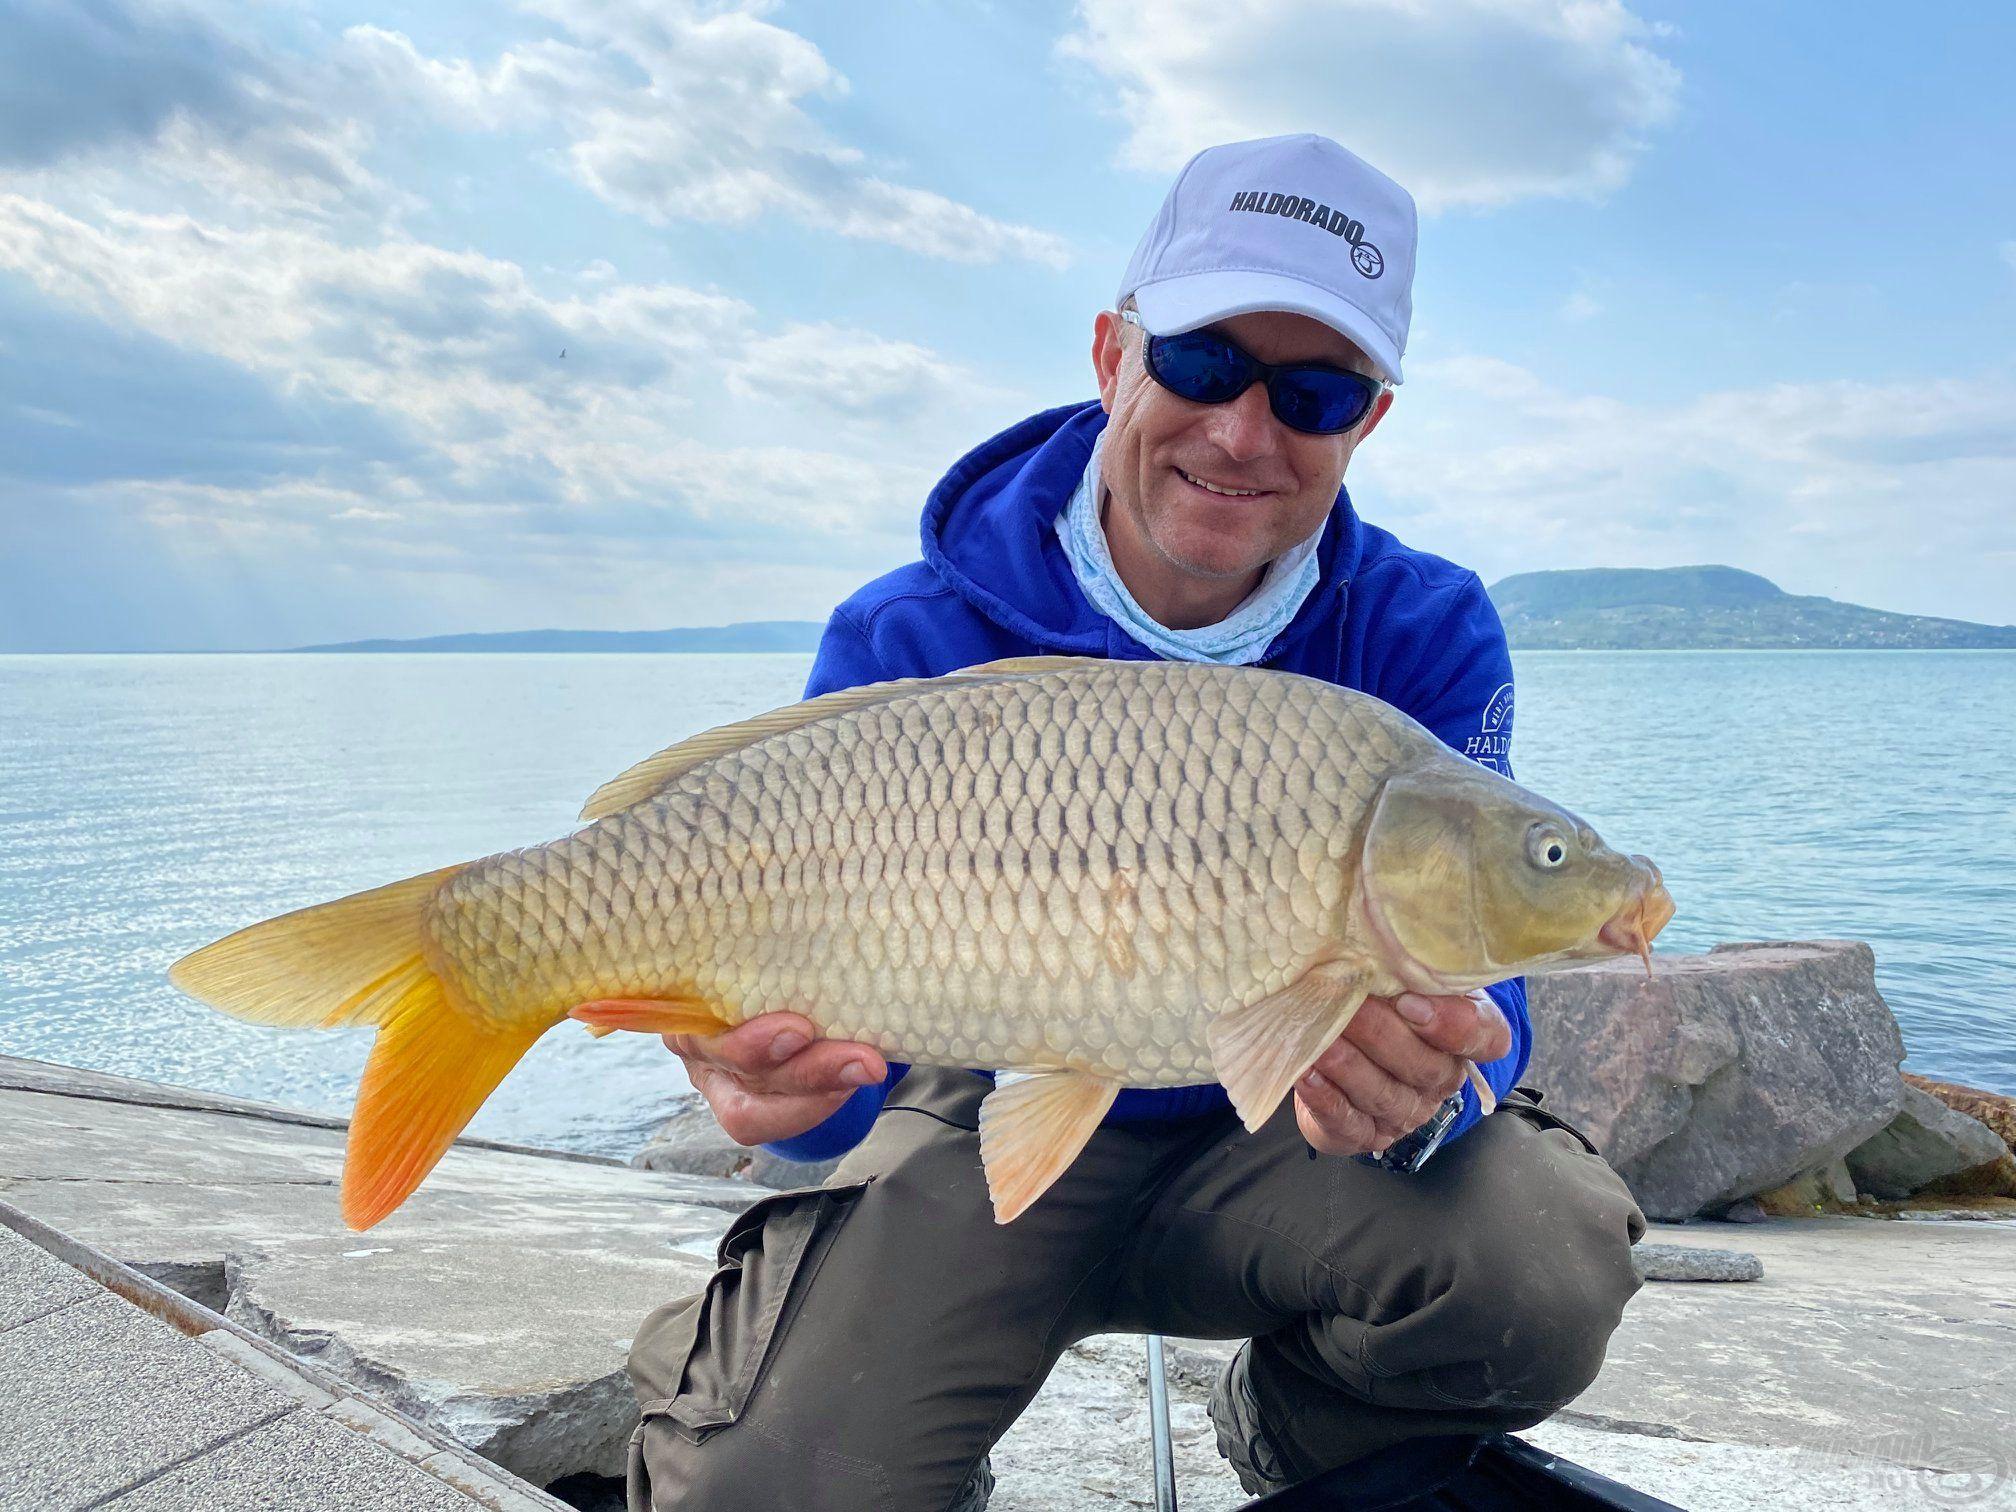 Jó szívvel ajánlom, könnyebb lesz vele a horgászat! ;-)